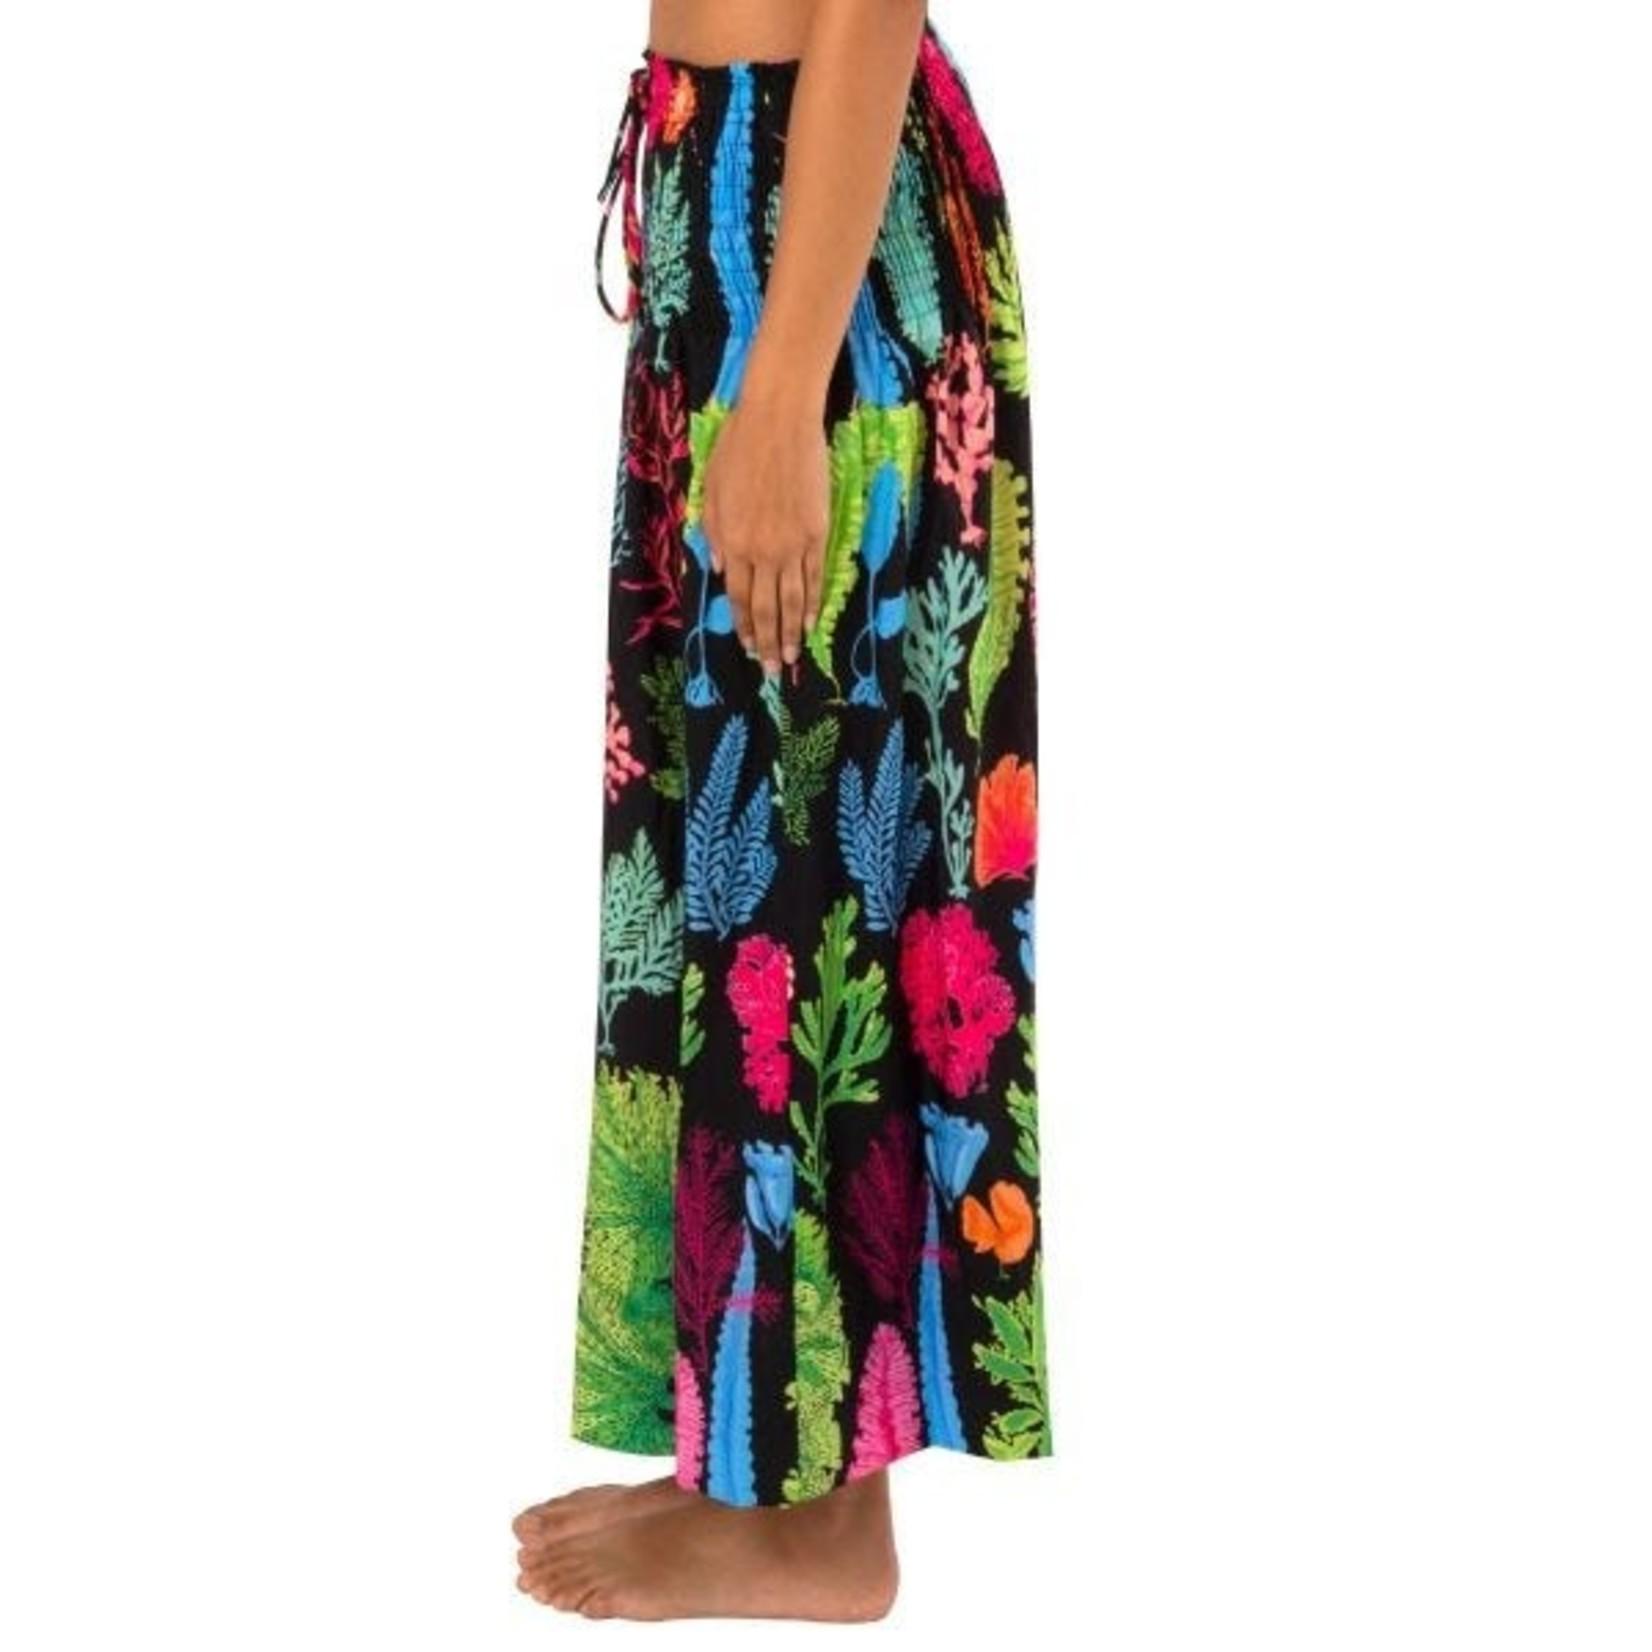 Gretchen Scott Gretchen Scott Haight Ashbury Skirt/Dress